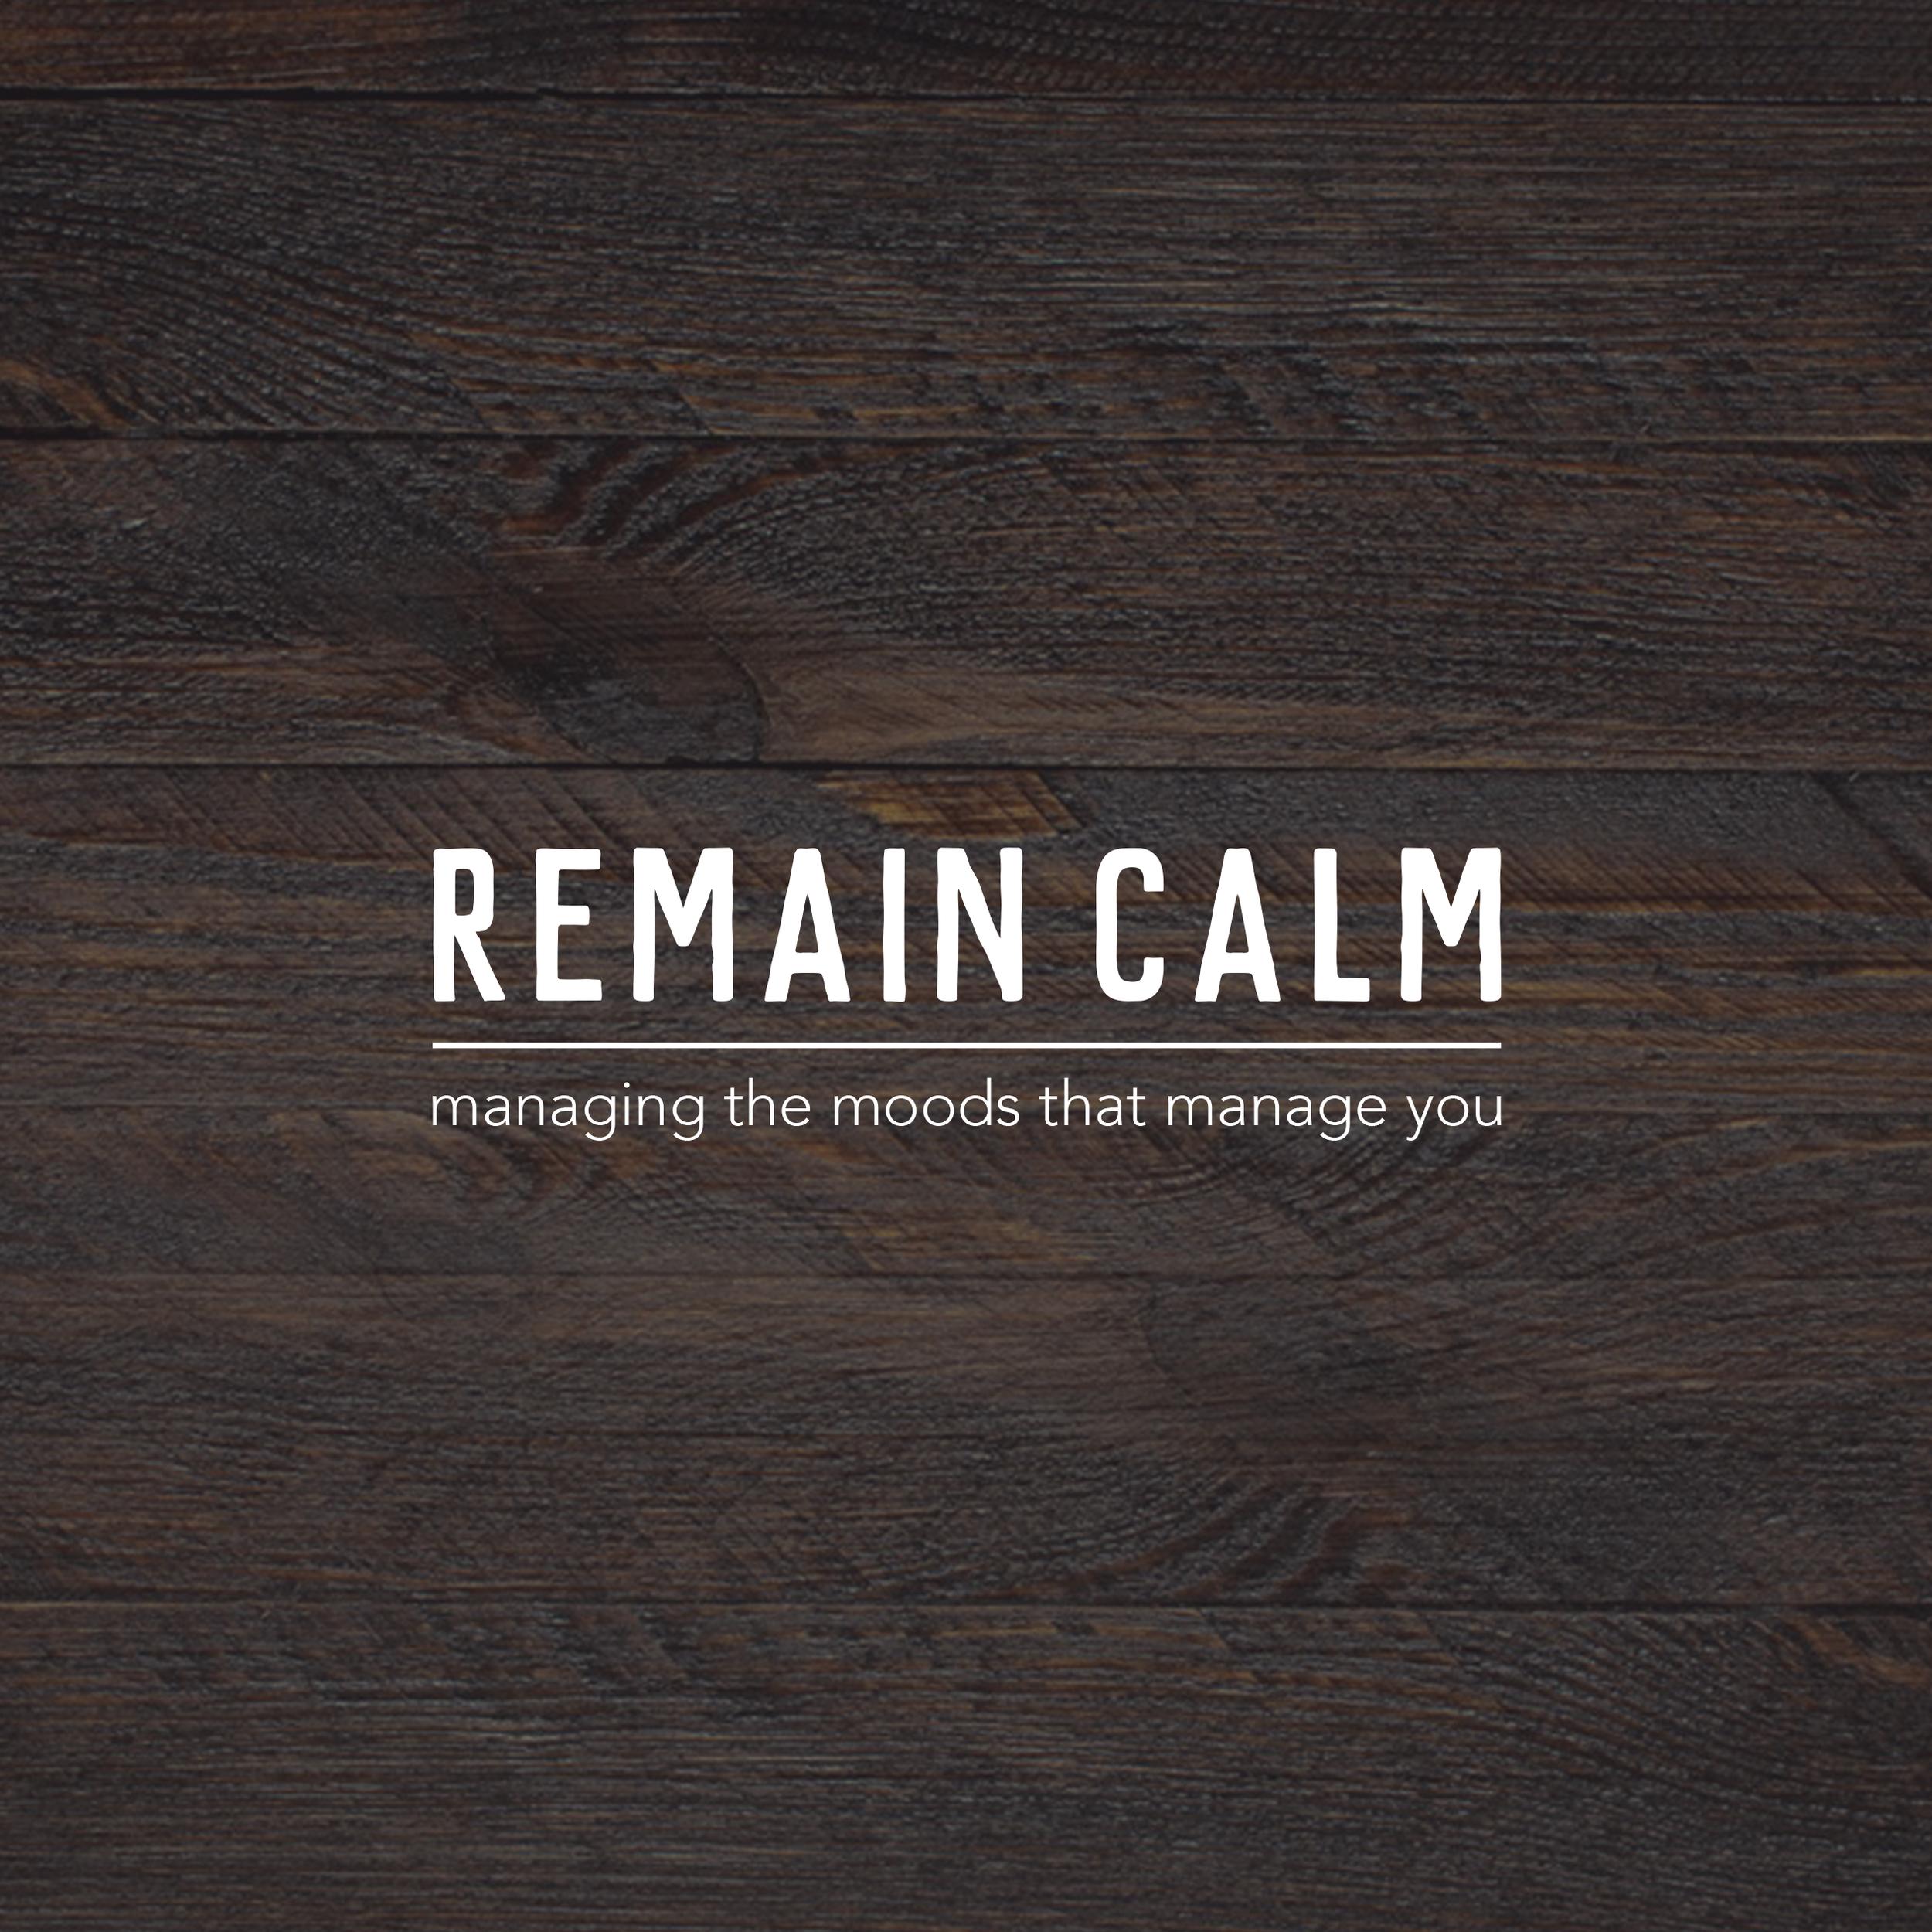 Wallpaper_iPad_Remain_Calm.png